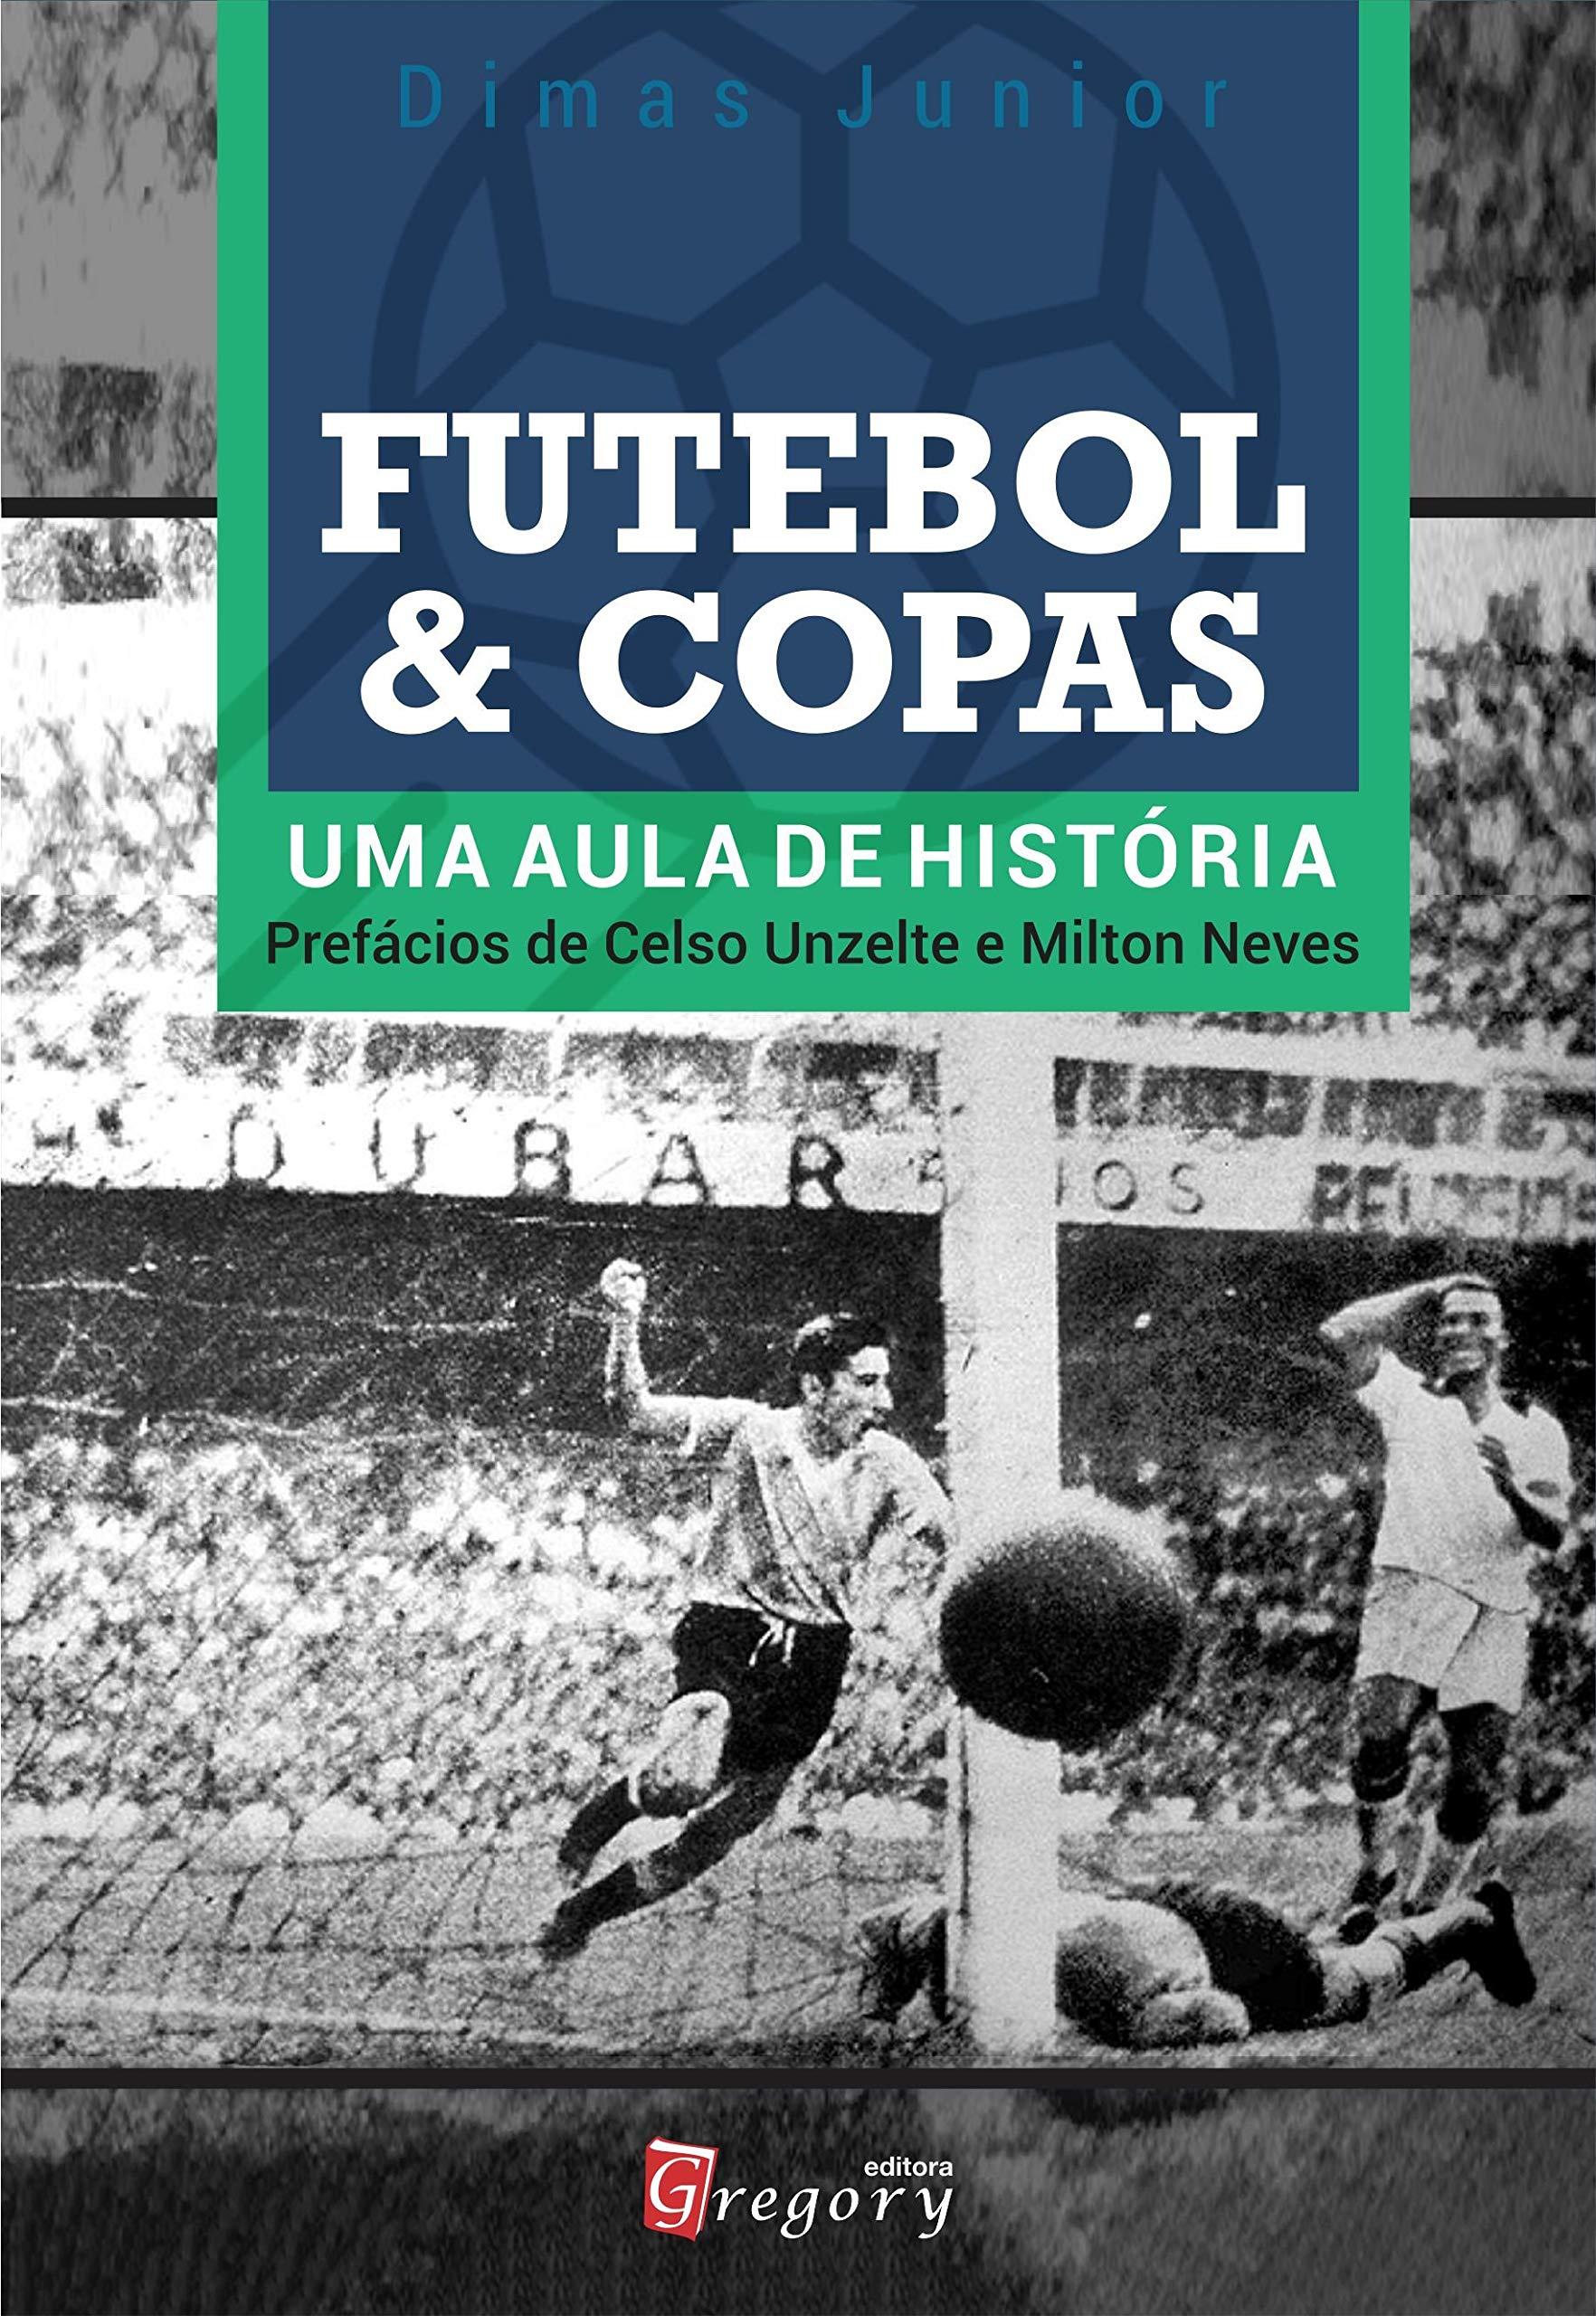 Futebol & copas: Uma aula de história | Amazon.com.br